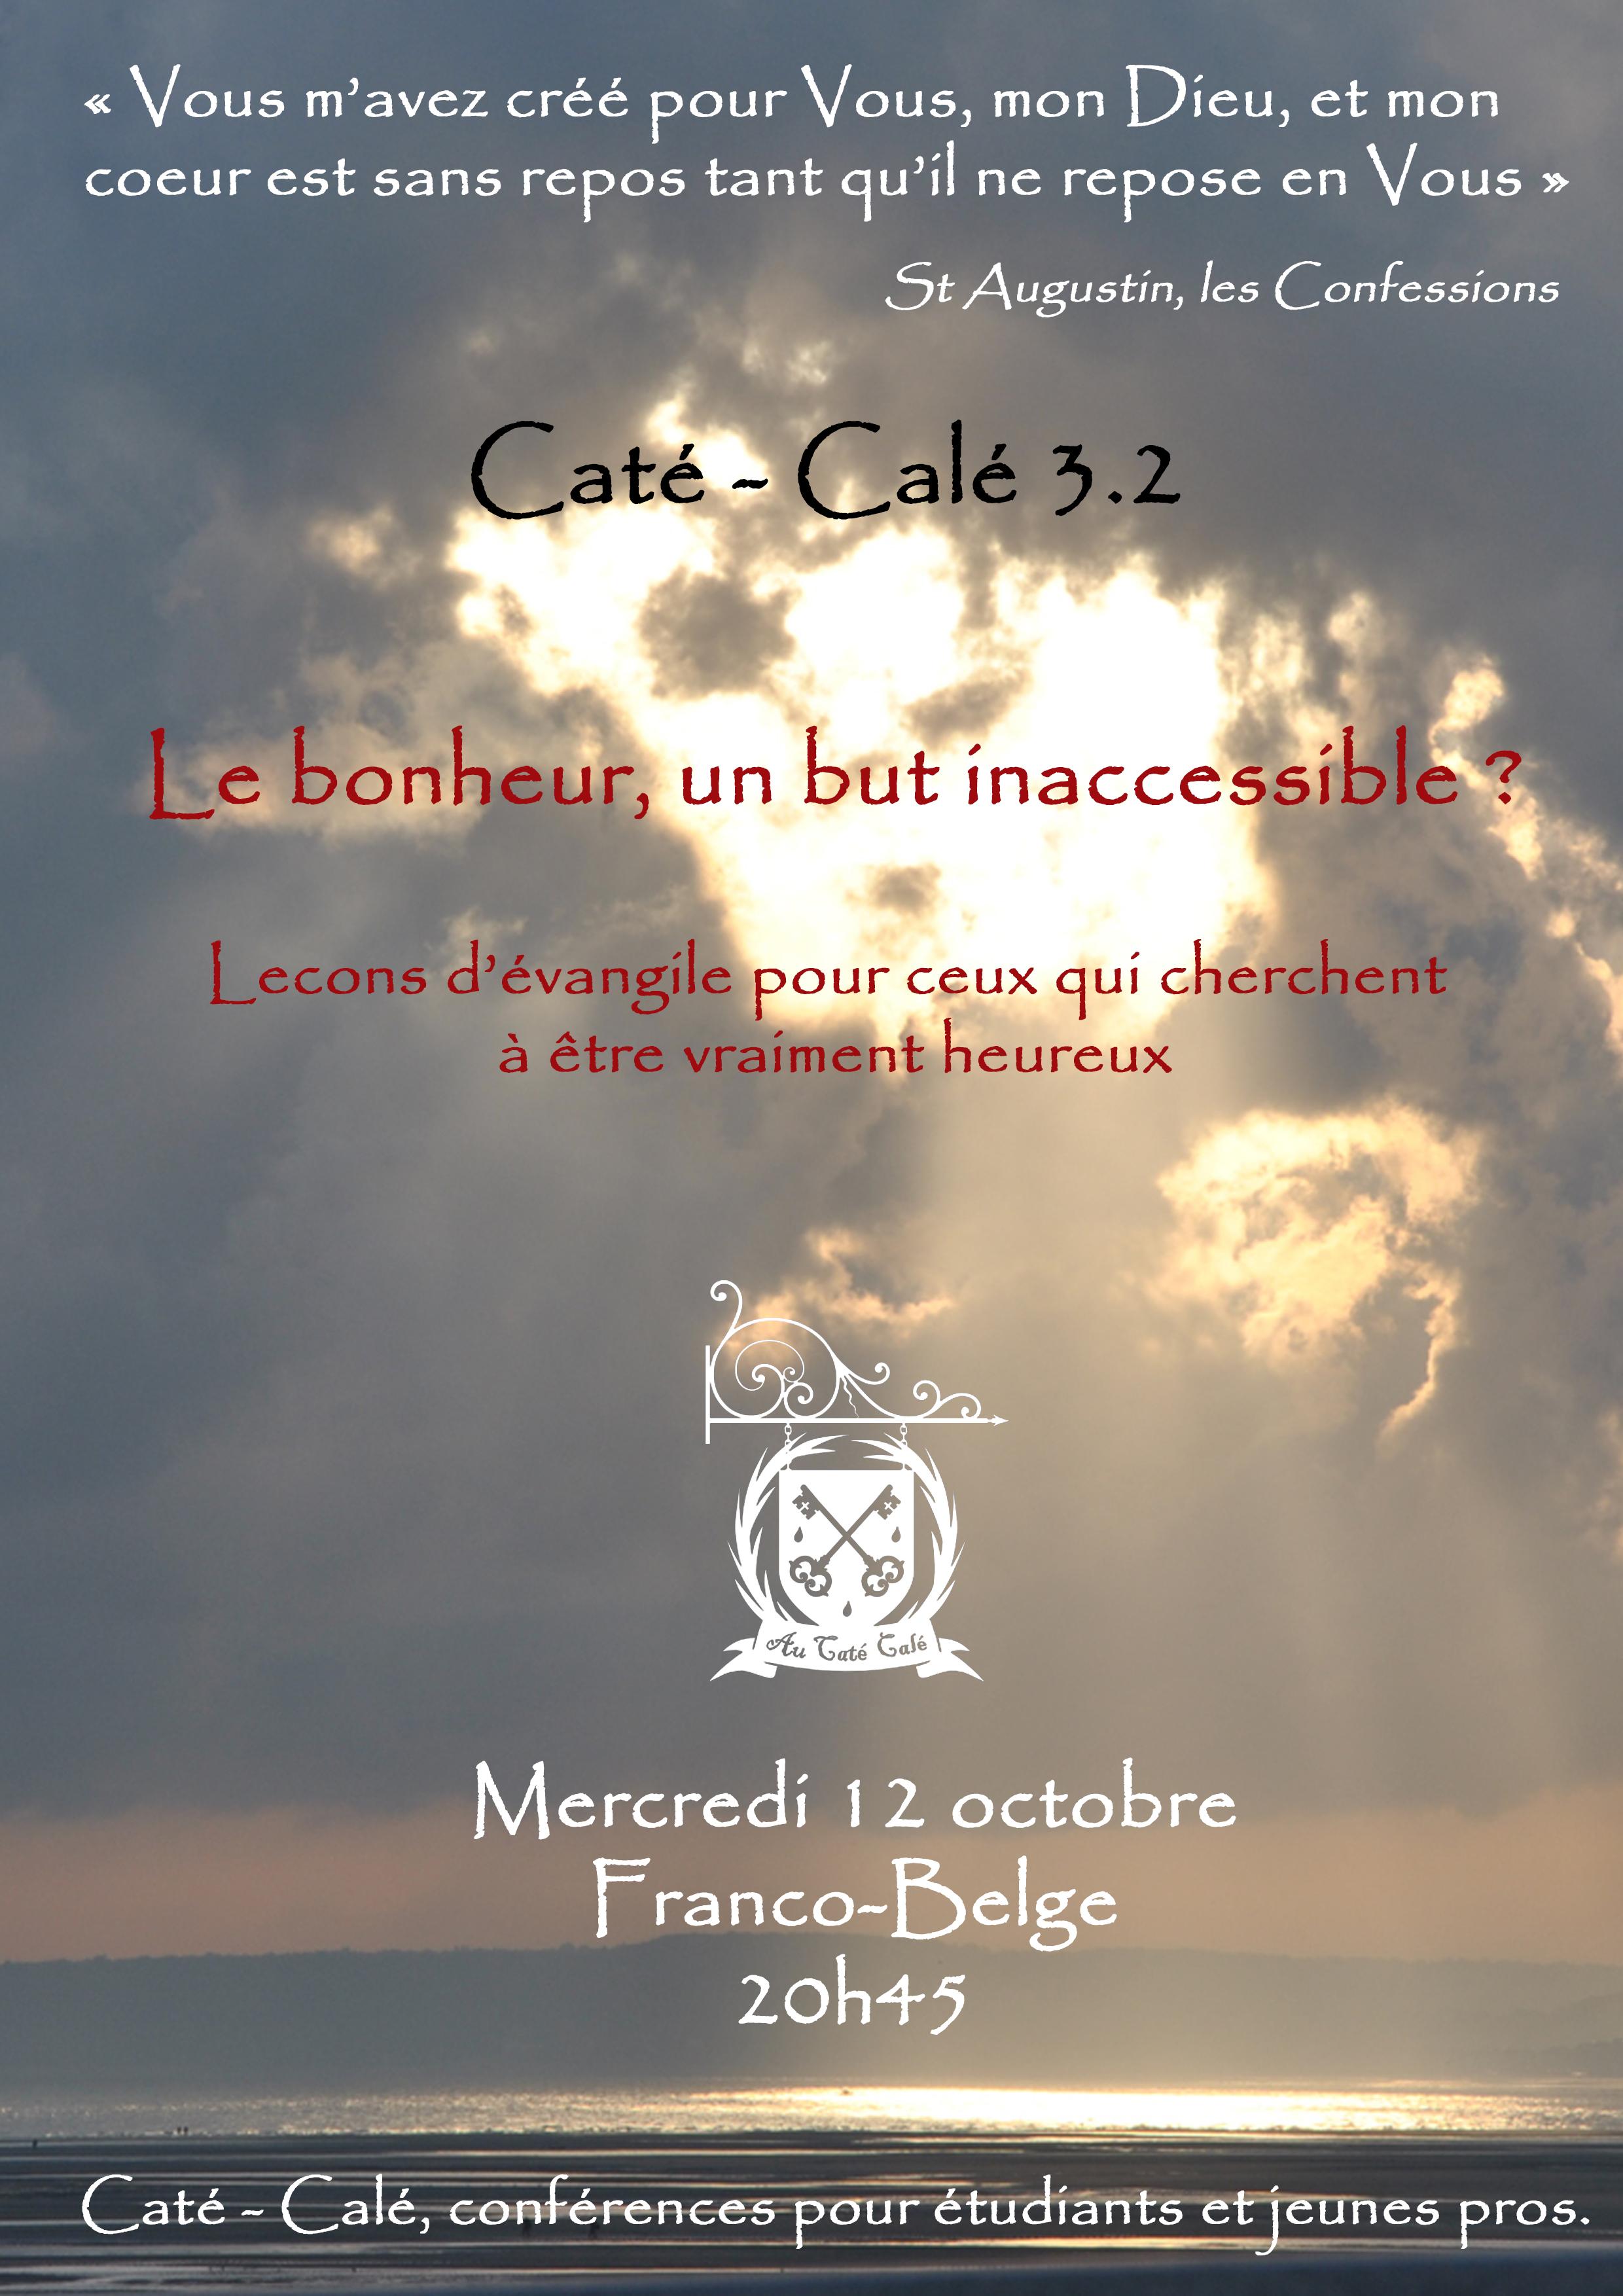 Cate-Cale 3.2